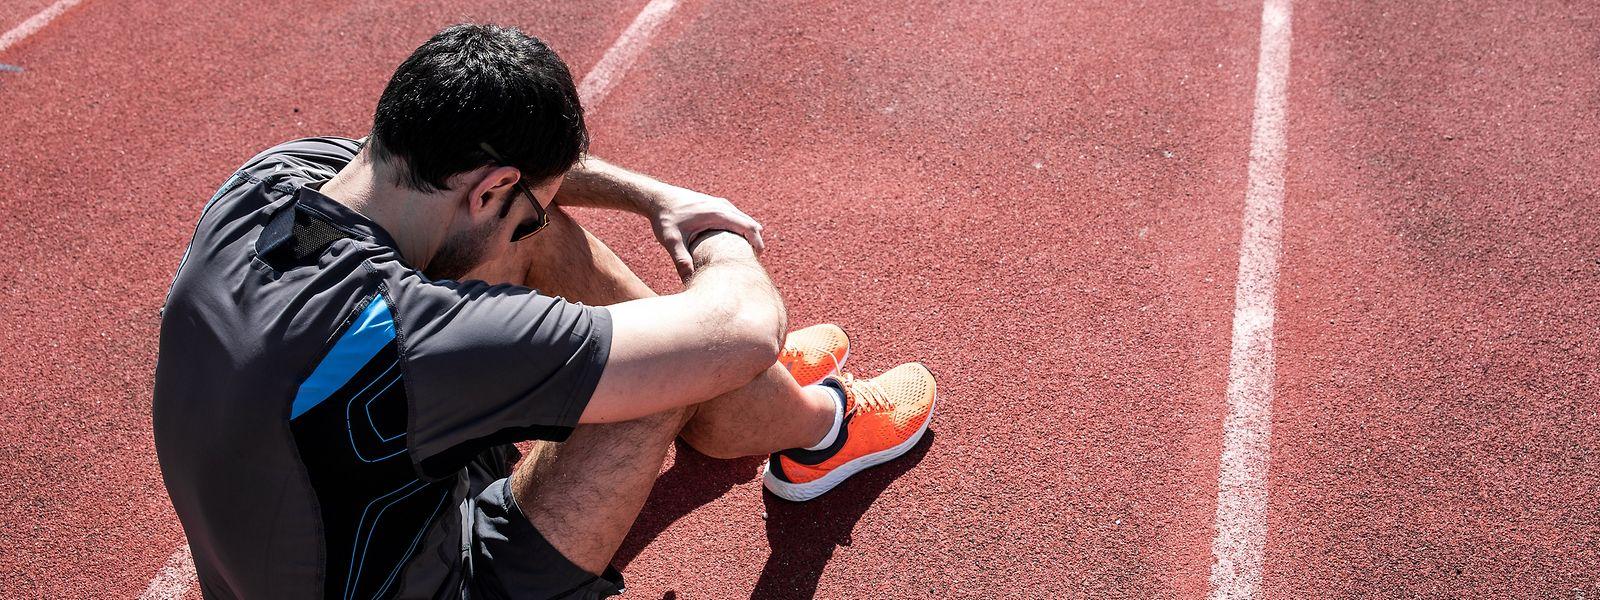 Nach einer Corona-Erkrankung bleibt vielen Sportlern schon bei leichten Belastungen die Luft weg.